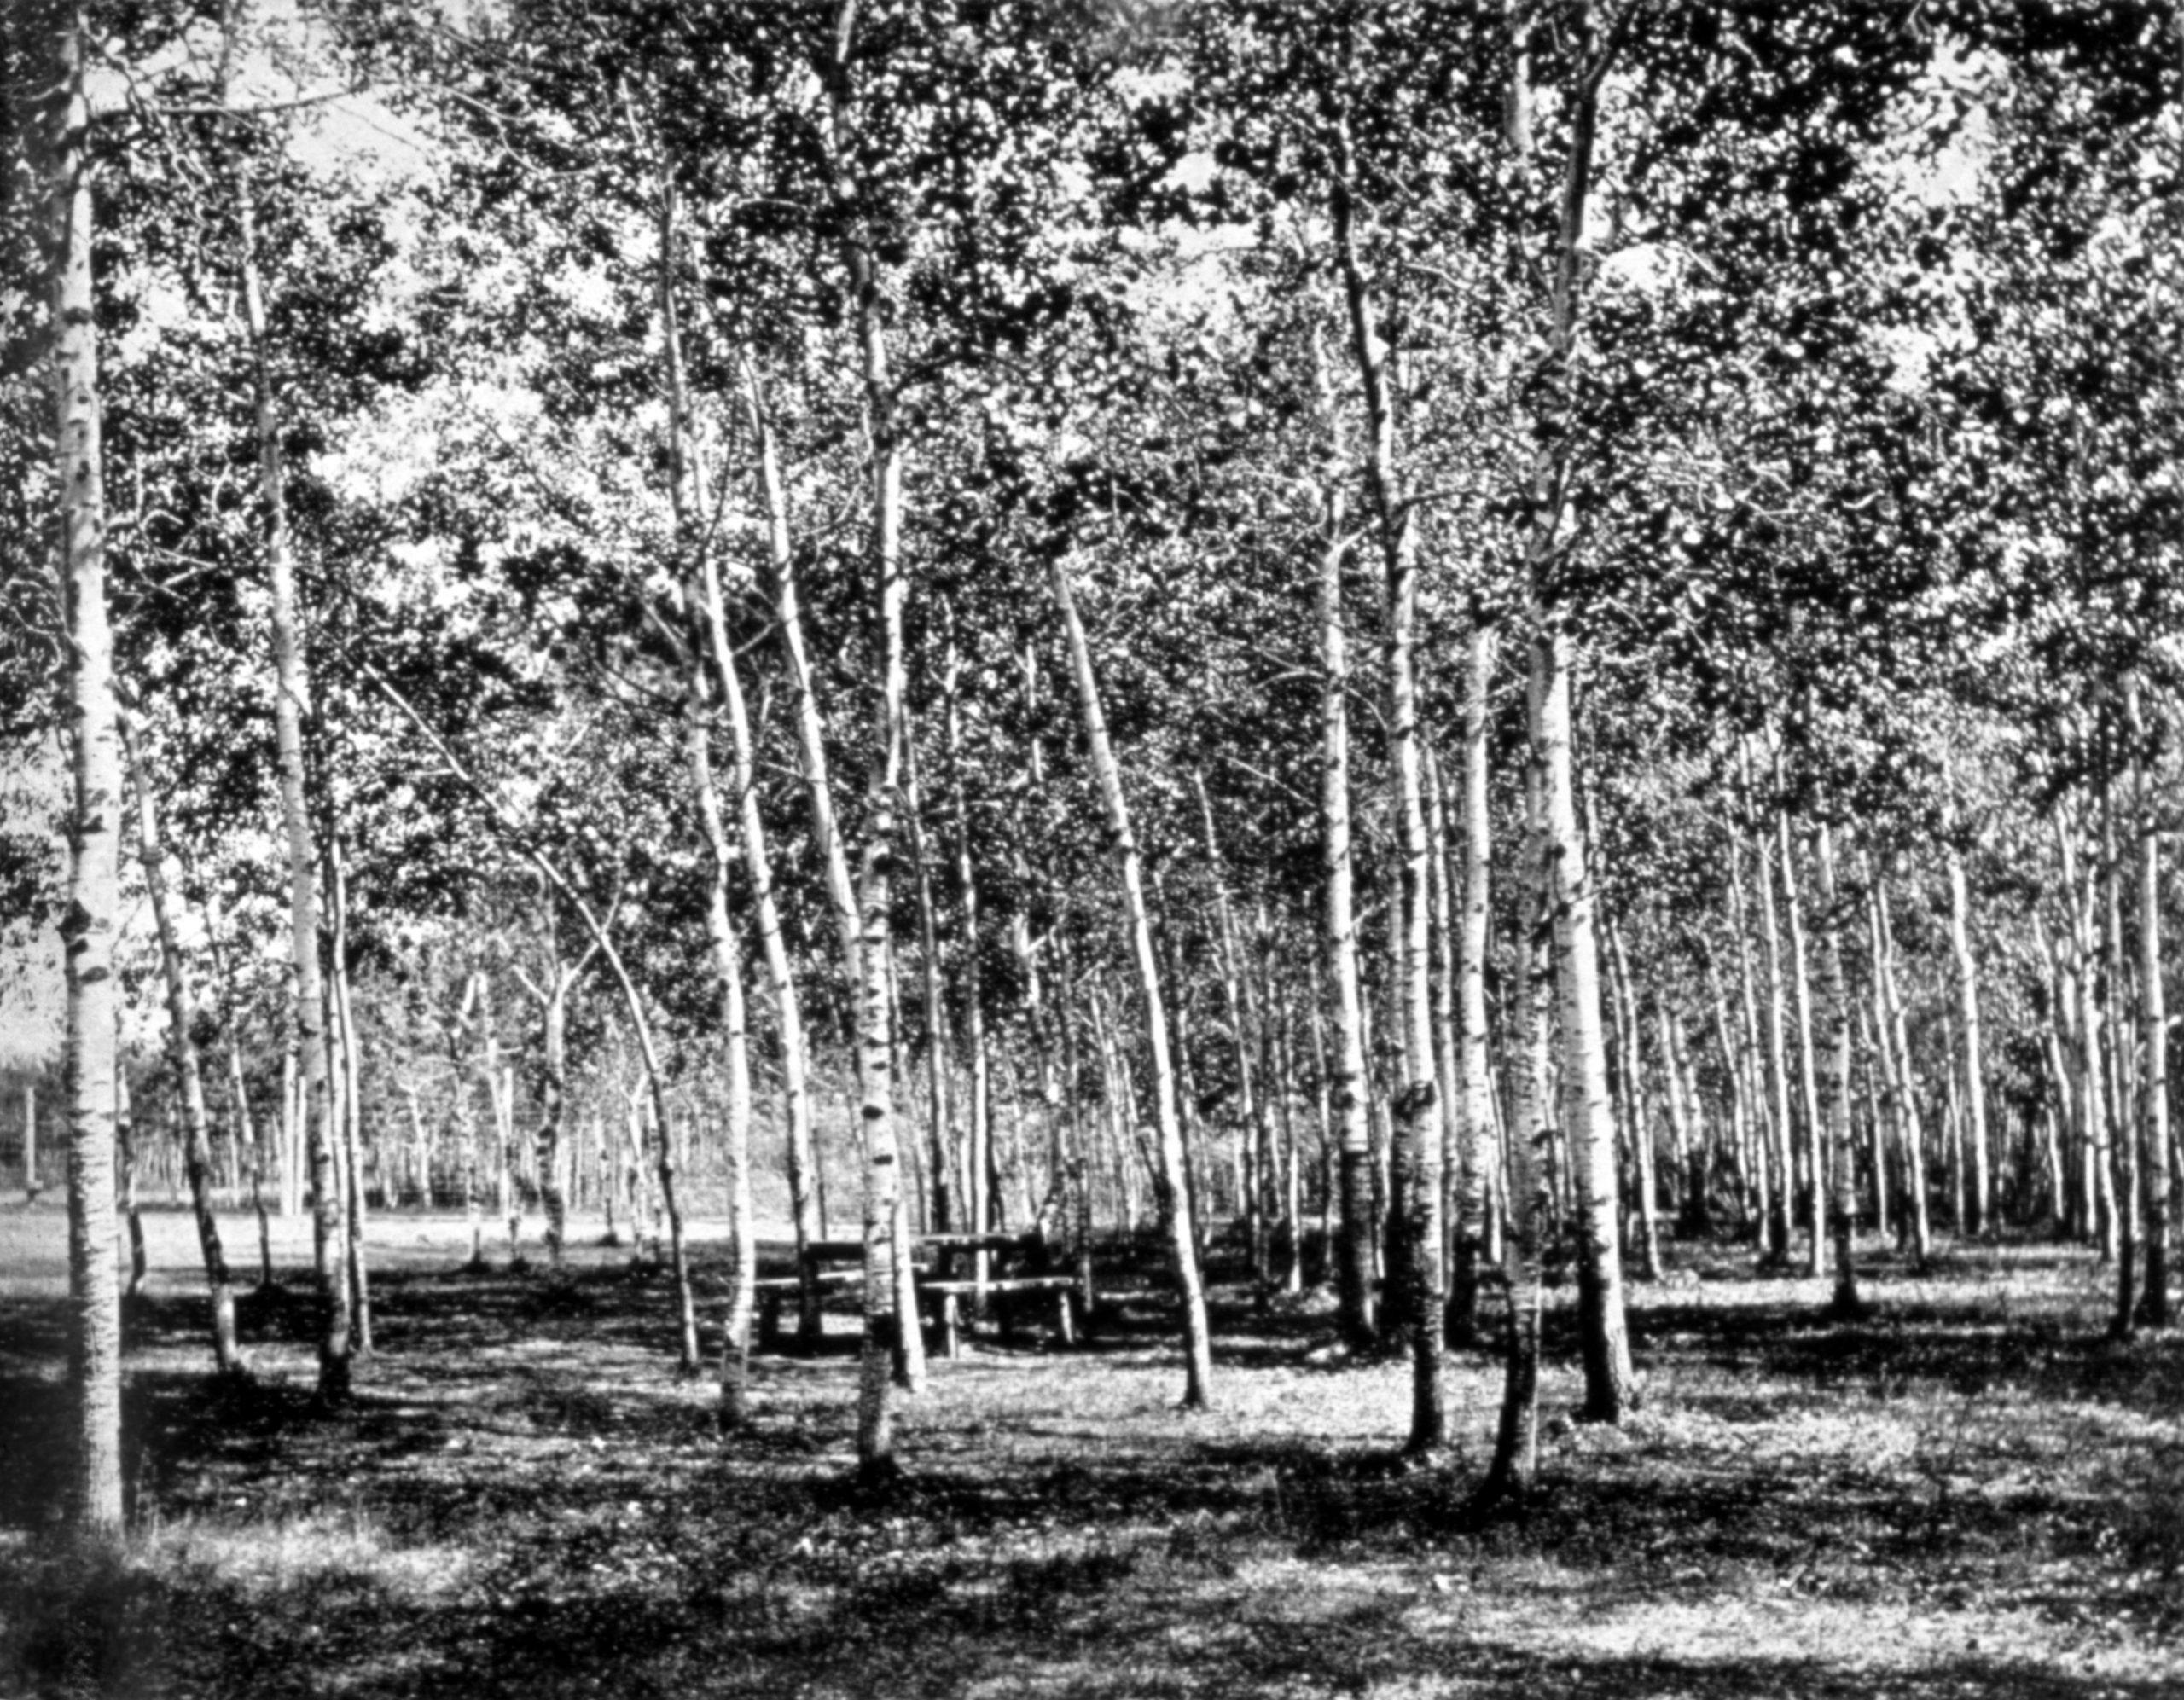 Corner Of Poplar Grove At River Park